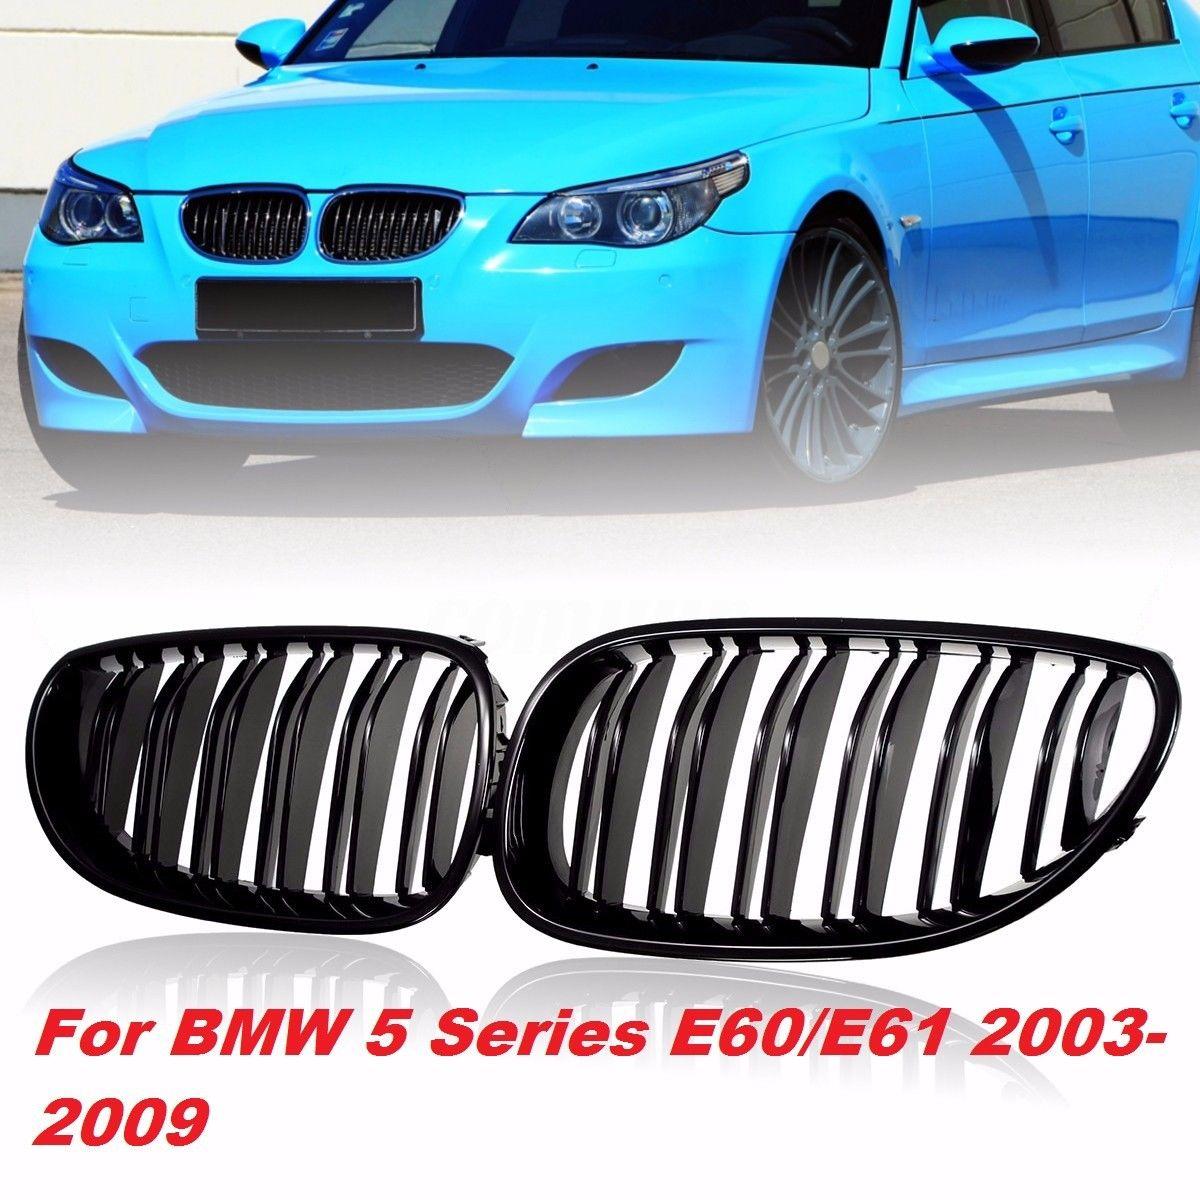 Grille de rein avant pour BMW Double ligne Grille pour BMW E60 E61 série 5 2003-2010